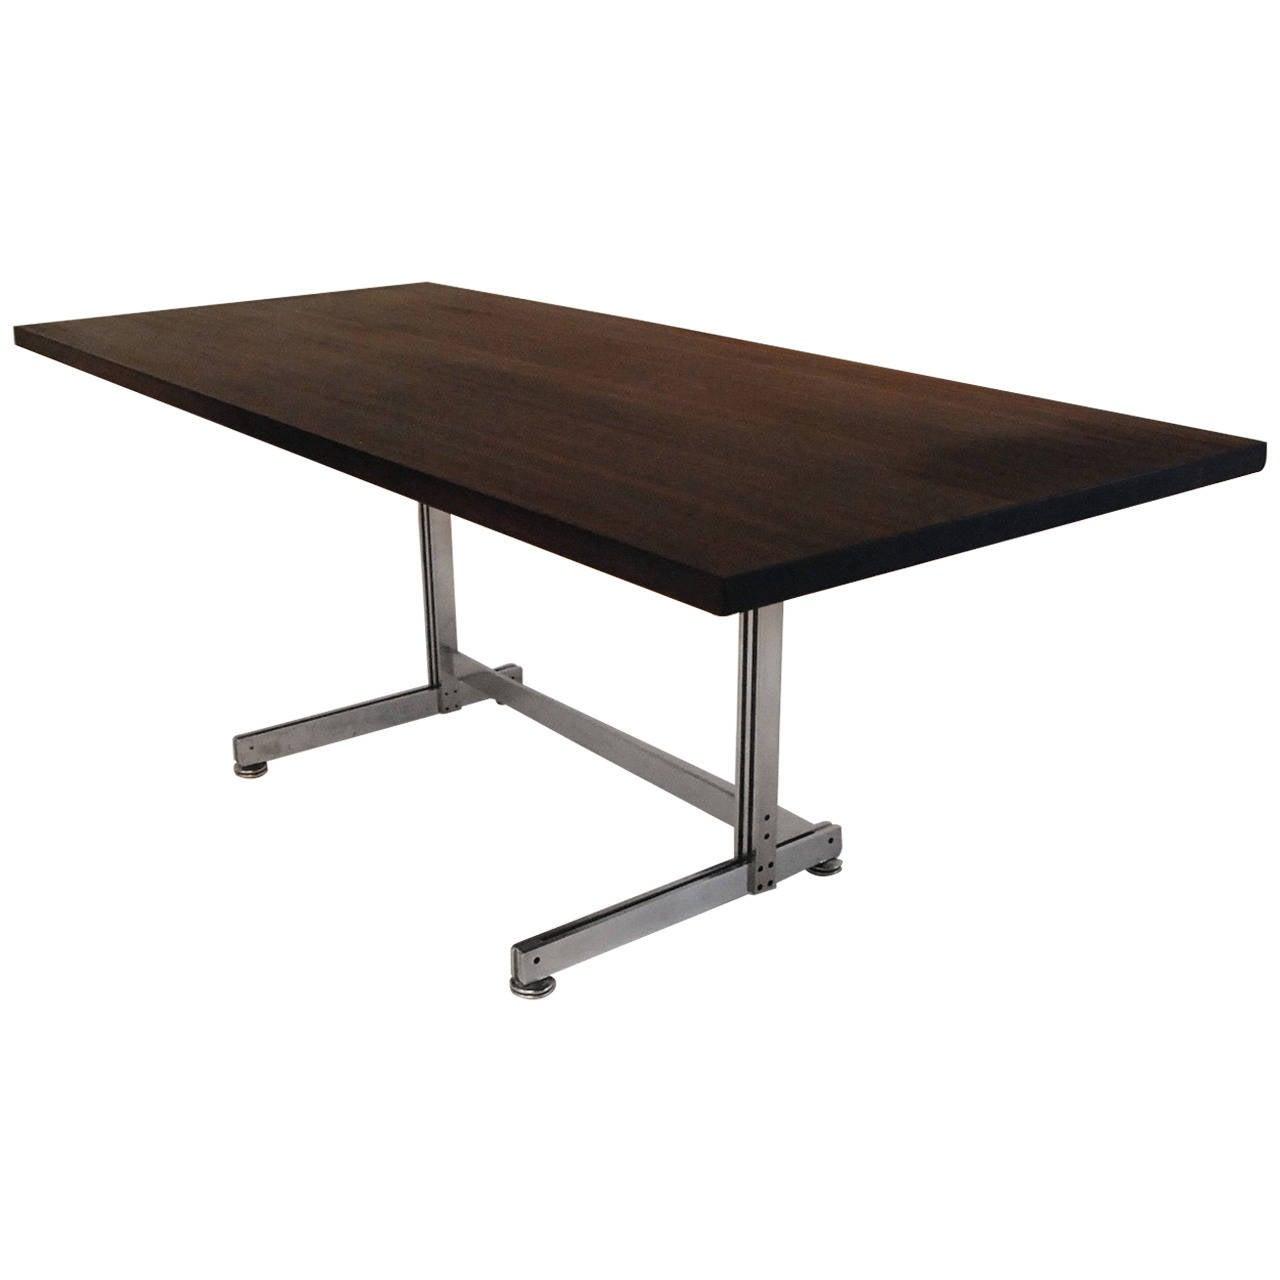 jules wabbes desk solid wenge top for sale at 1stdibs. Black Bedroom Furniture Sets. Home Design Ideas